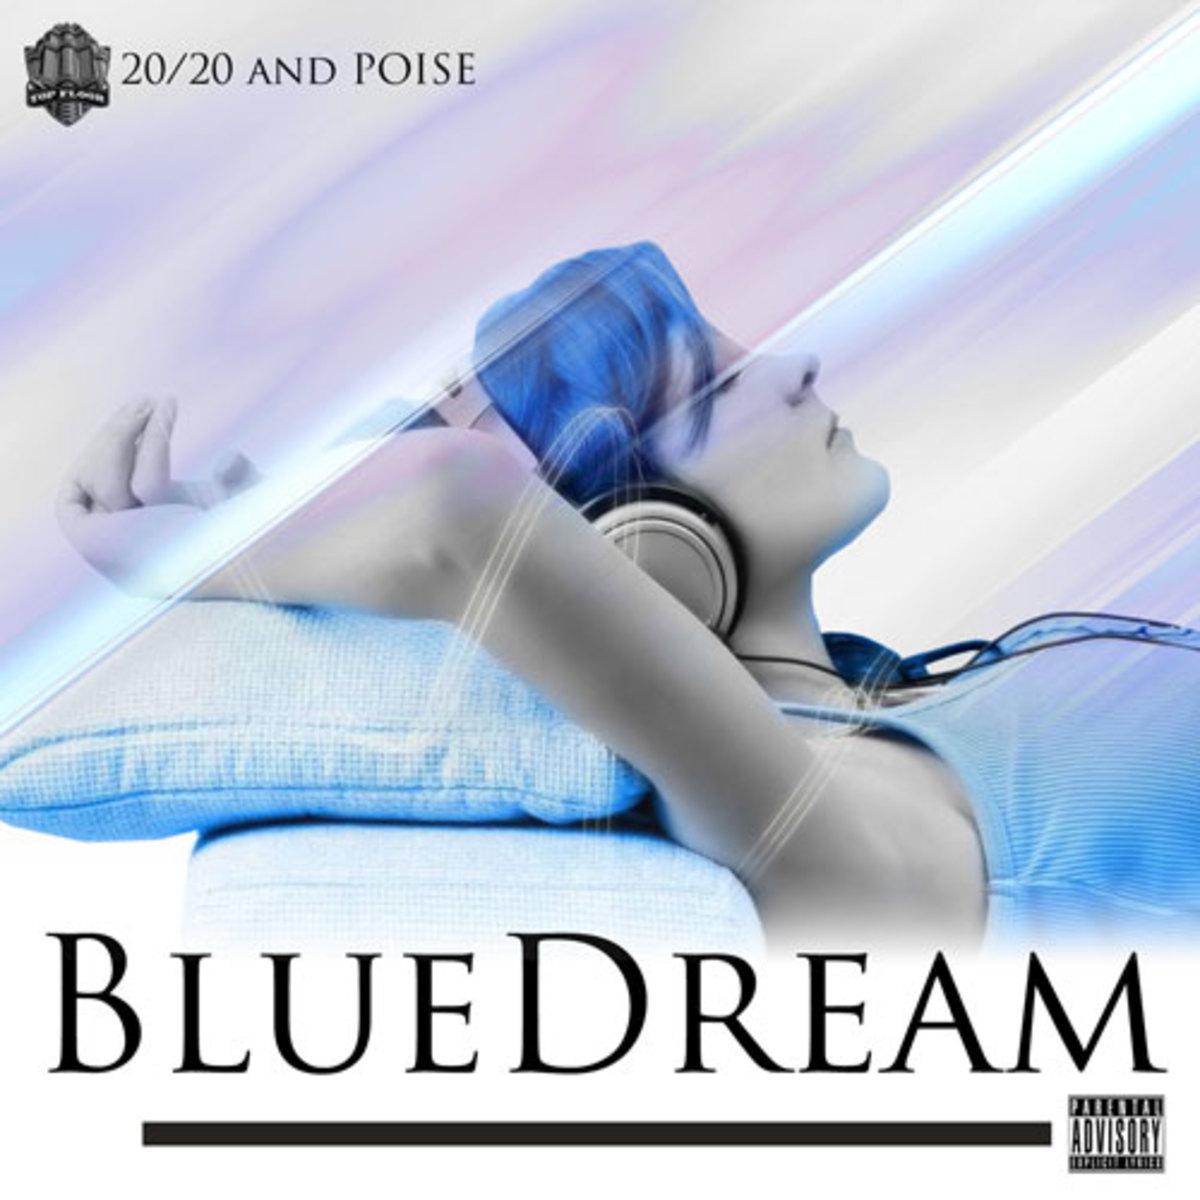 2020poise-bluedream.jpg